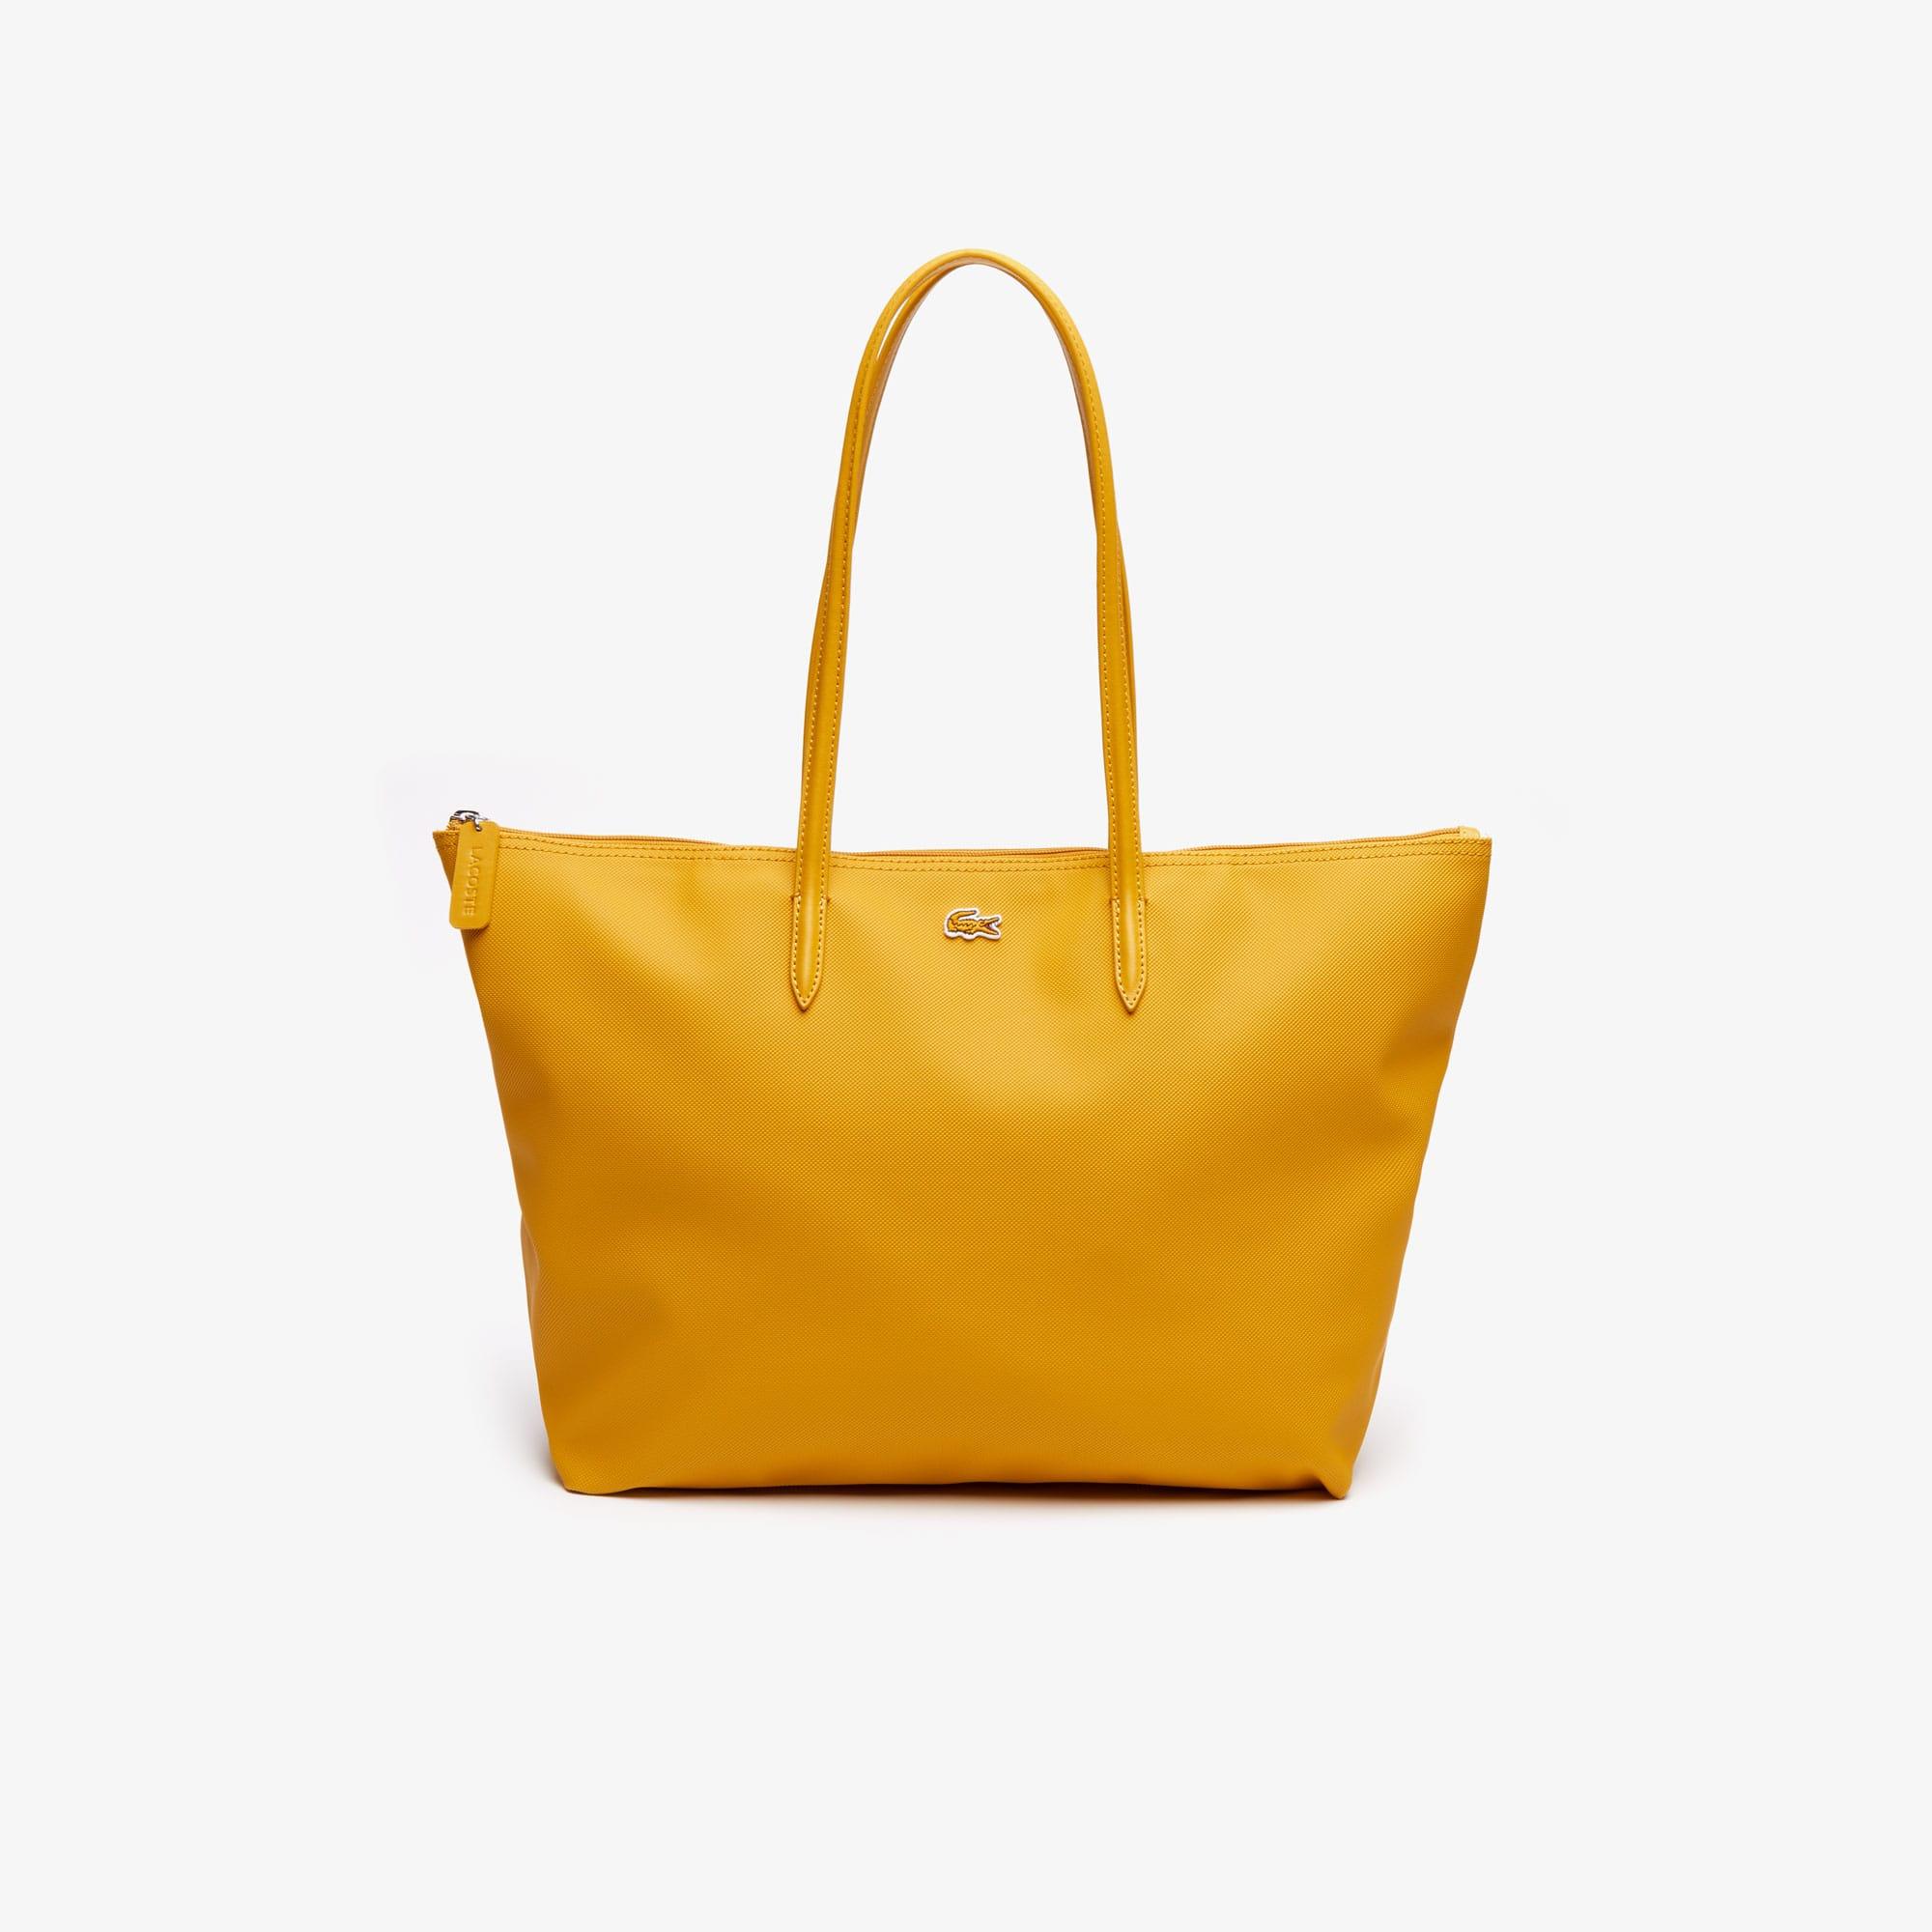 c4918d8ce14b Sacs à main cuir, sacs cabas | Maroquinerie femme | LACOSTE